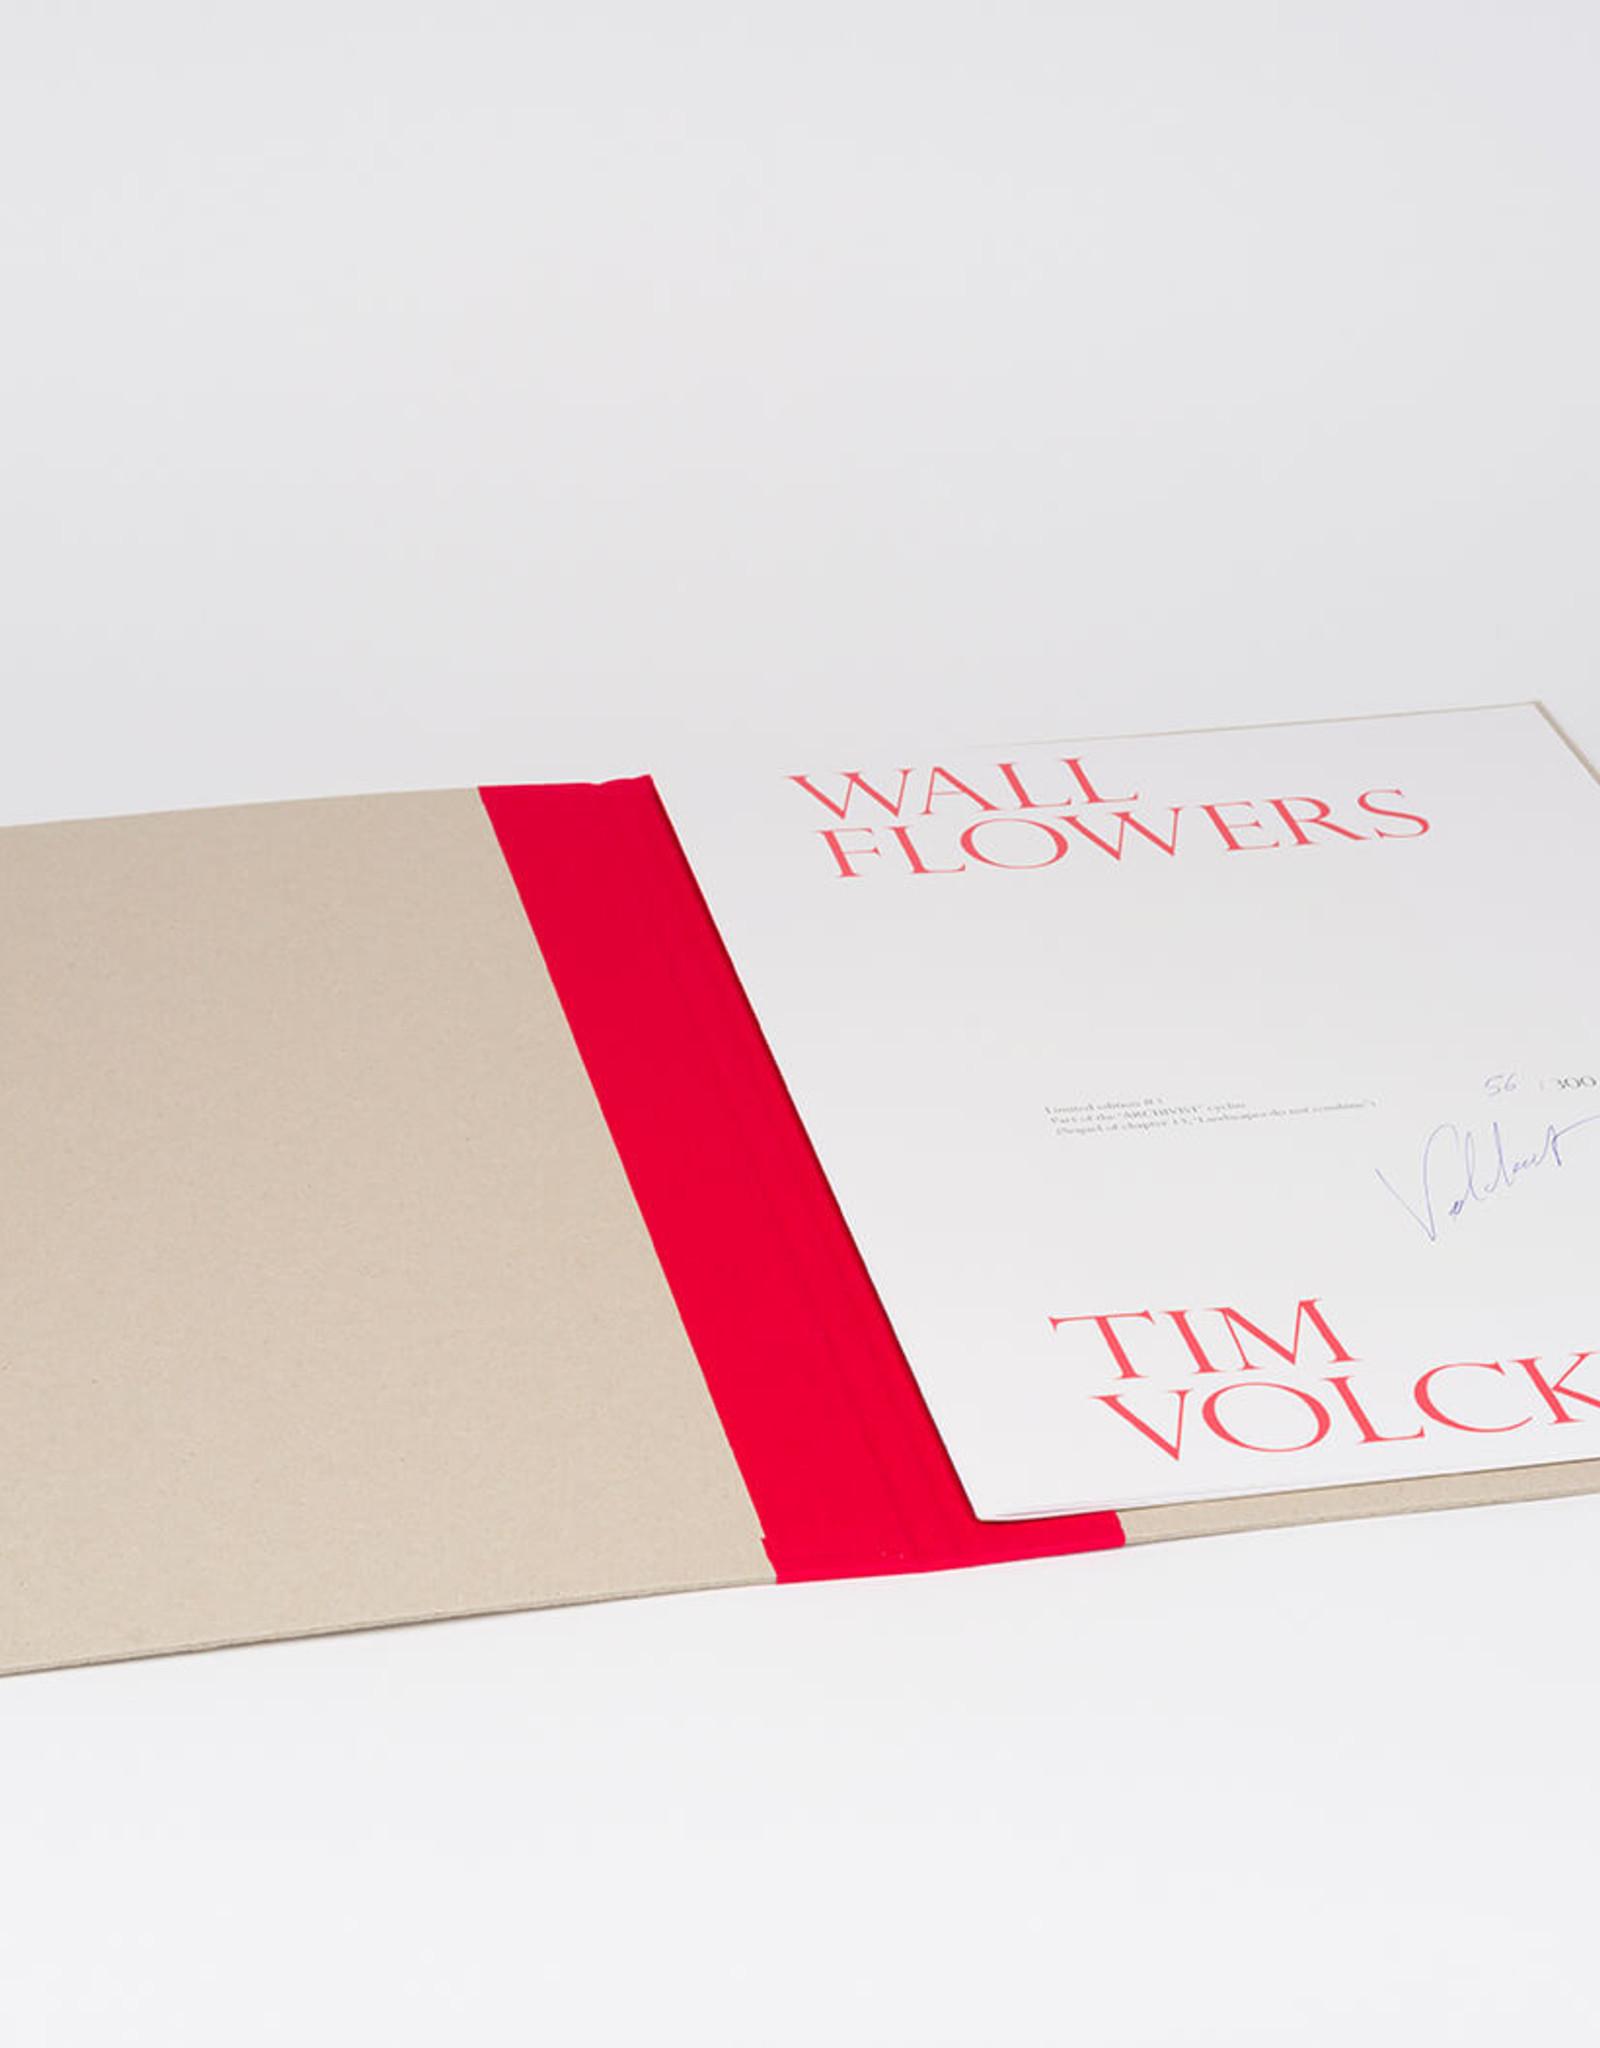 Tim Volckaert - Wall Flowers